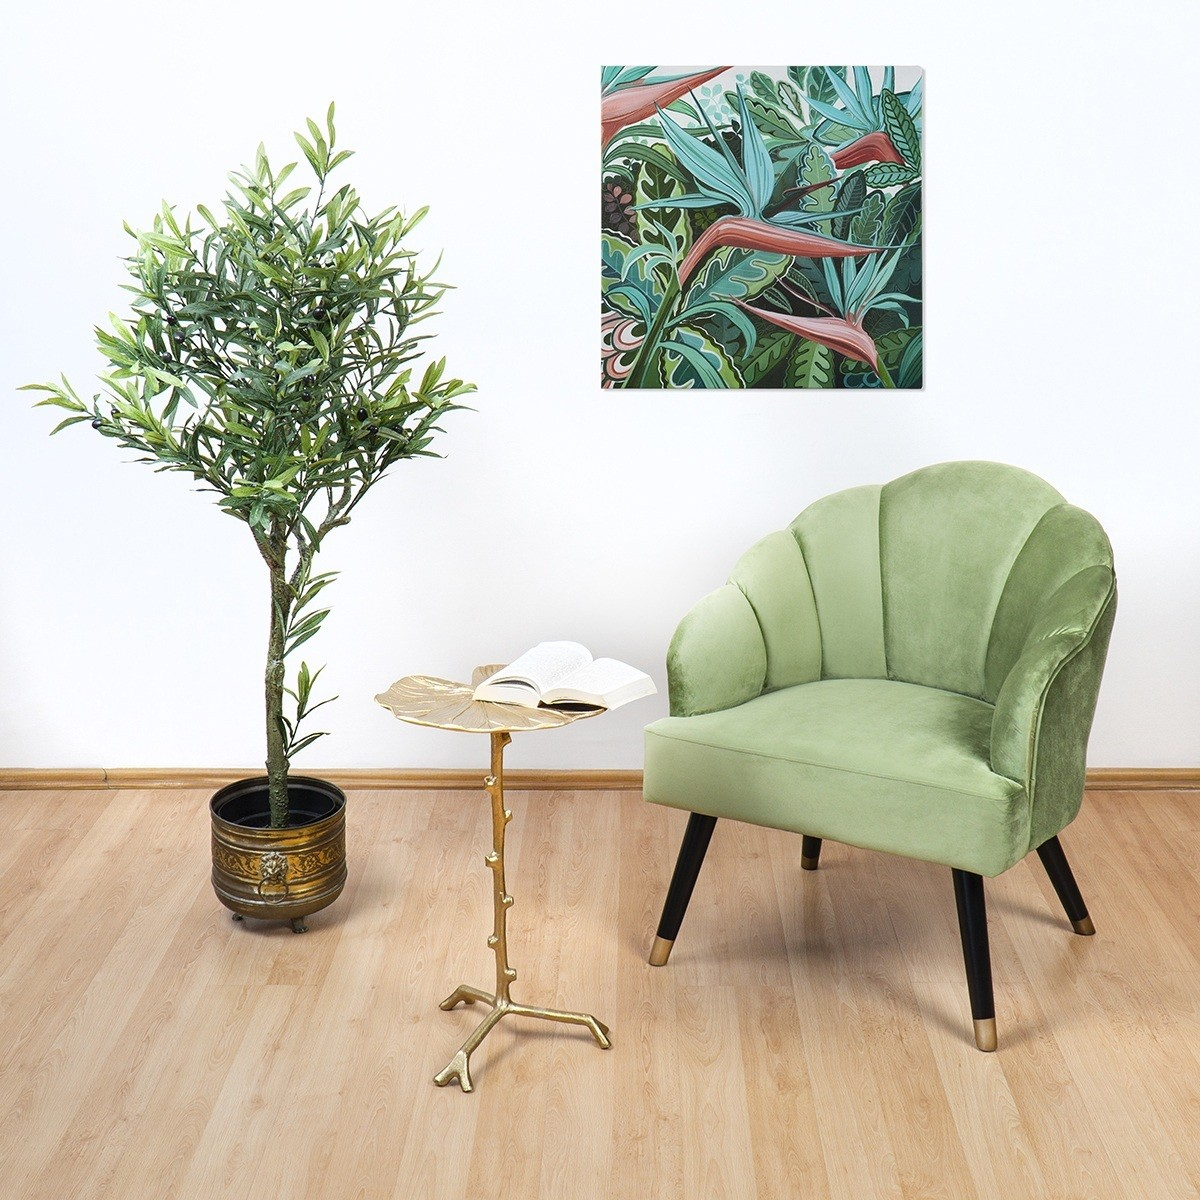 Zöld kanapé, kisasztal könyvvel